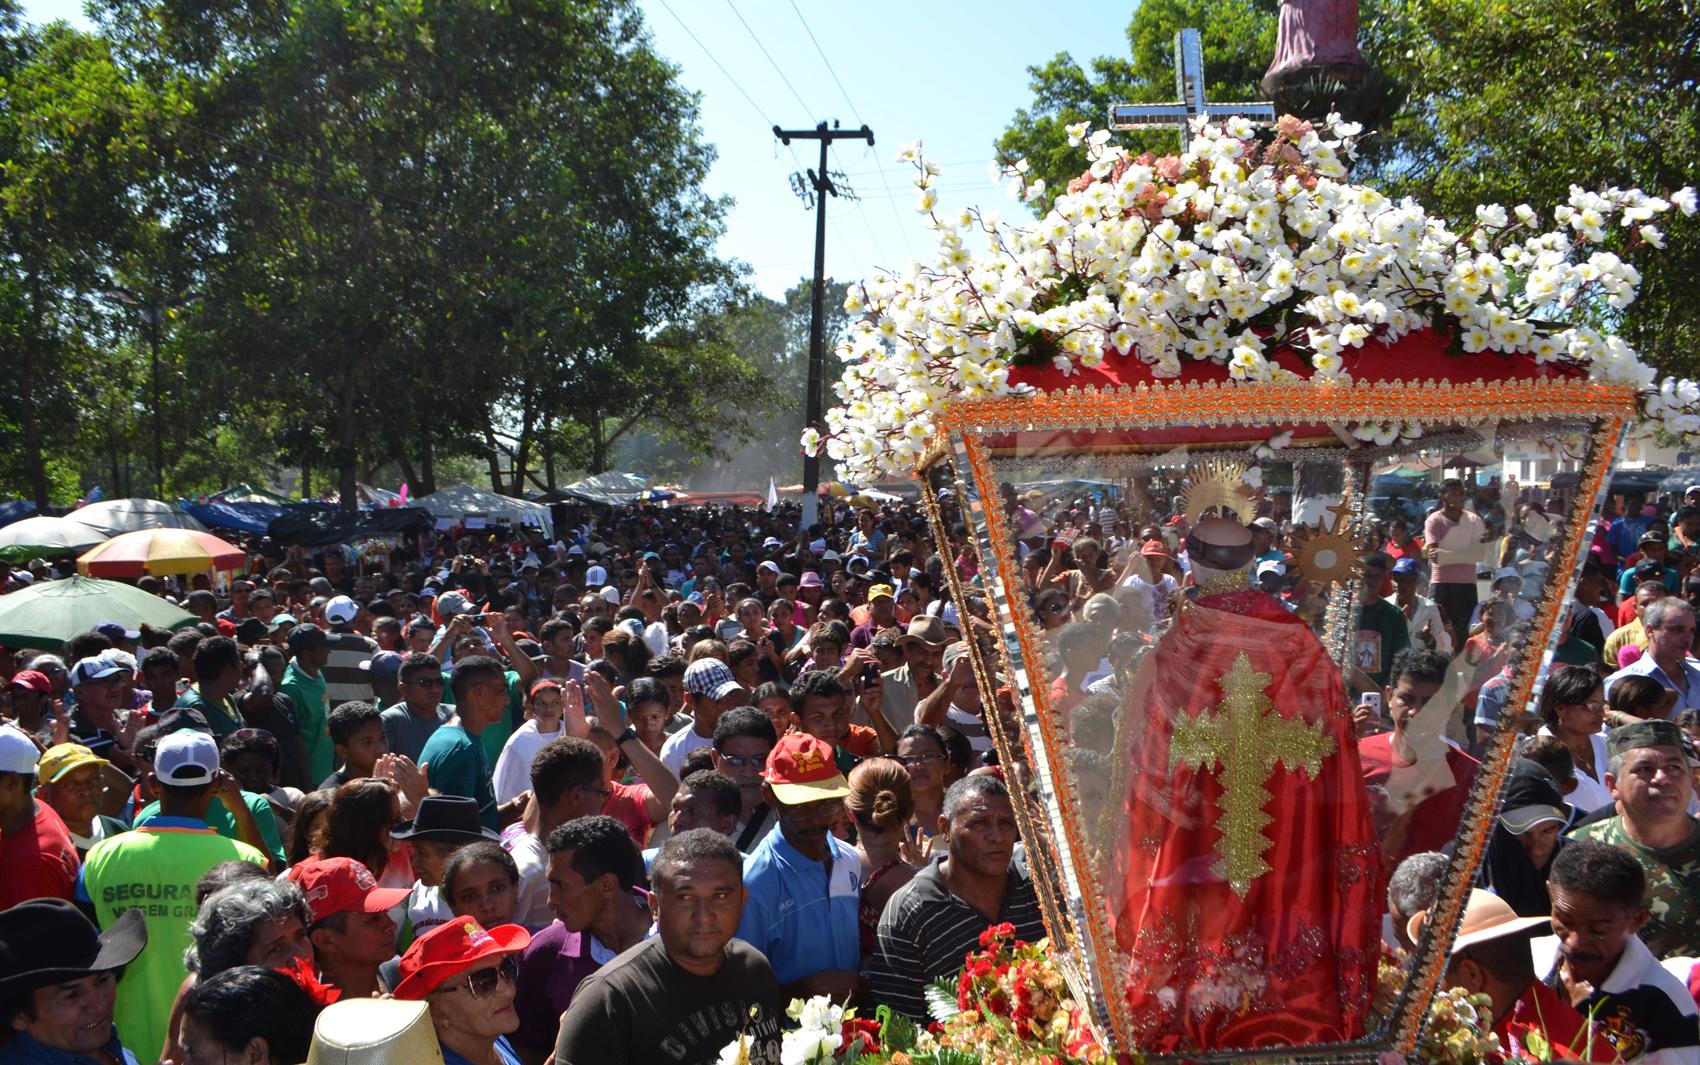 Festejo de São Raimundo dos Mulunduns reúne muitos fieis em Vargem Grande